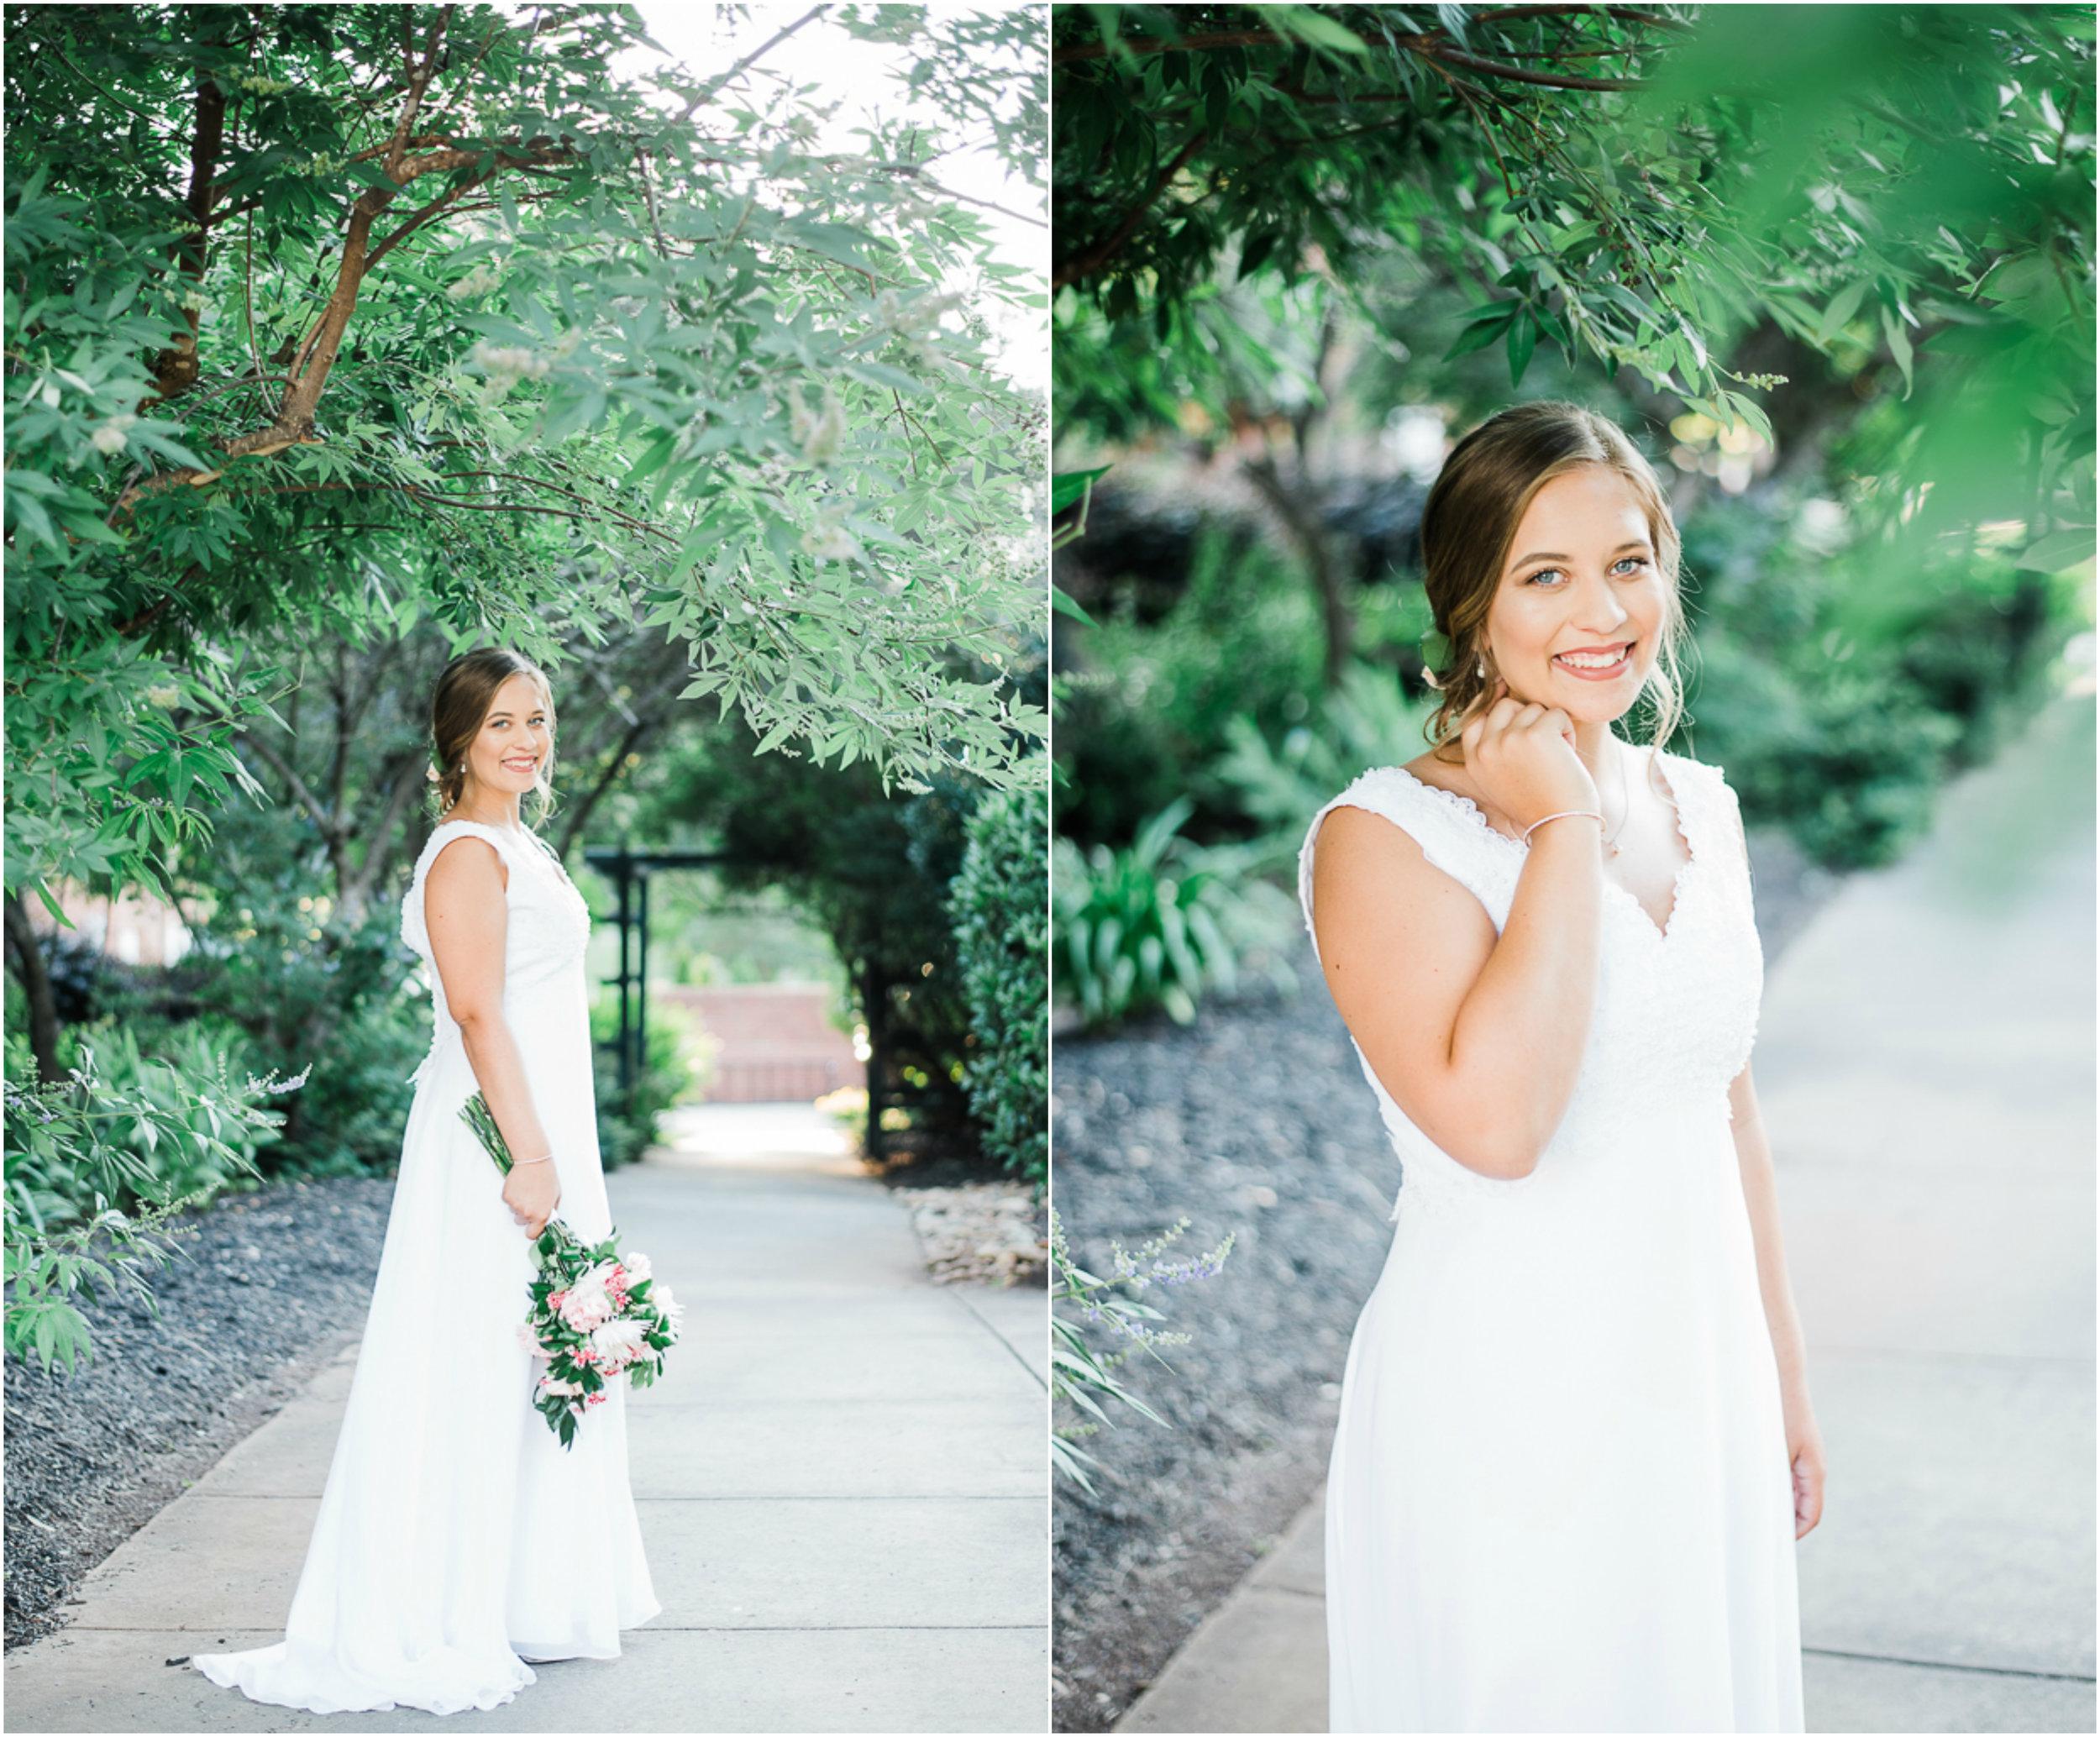 Bridal Portrait, Outdoor Bridal Portrait, Garden Bridal Portrait 02.jpg